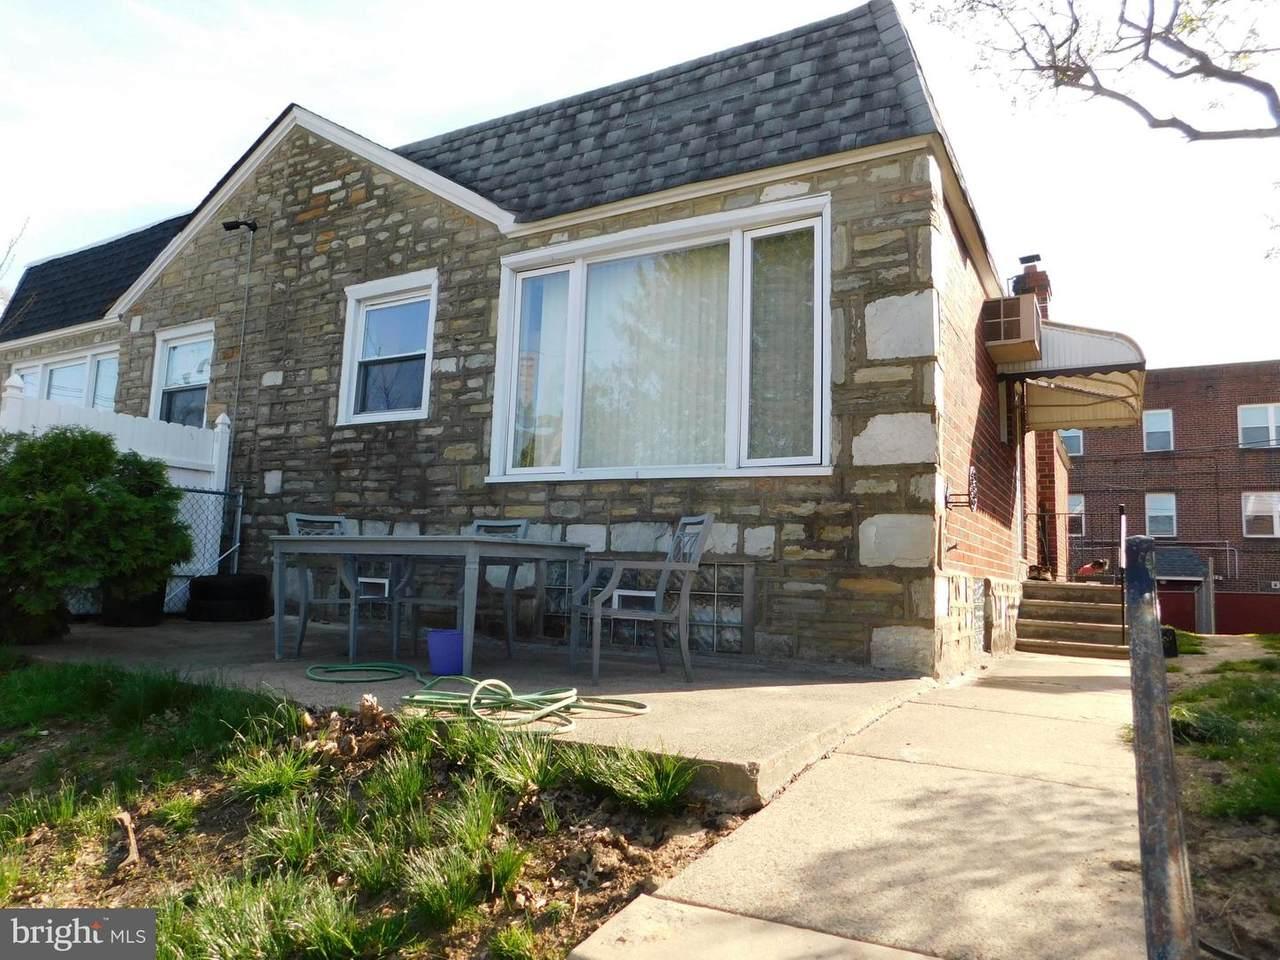 844 Saint Vincent Street - Photo 1